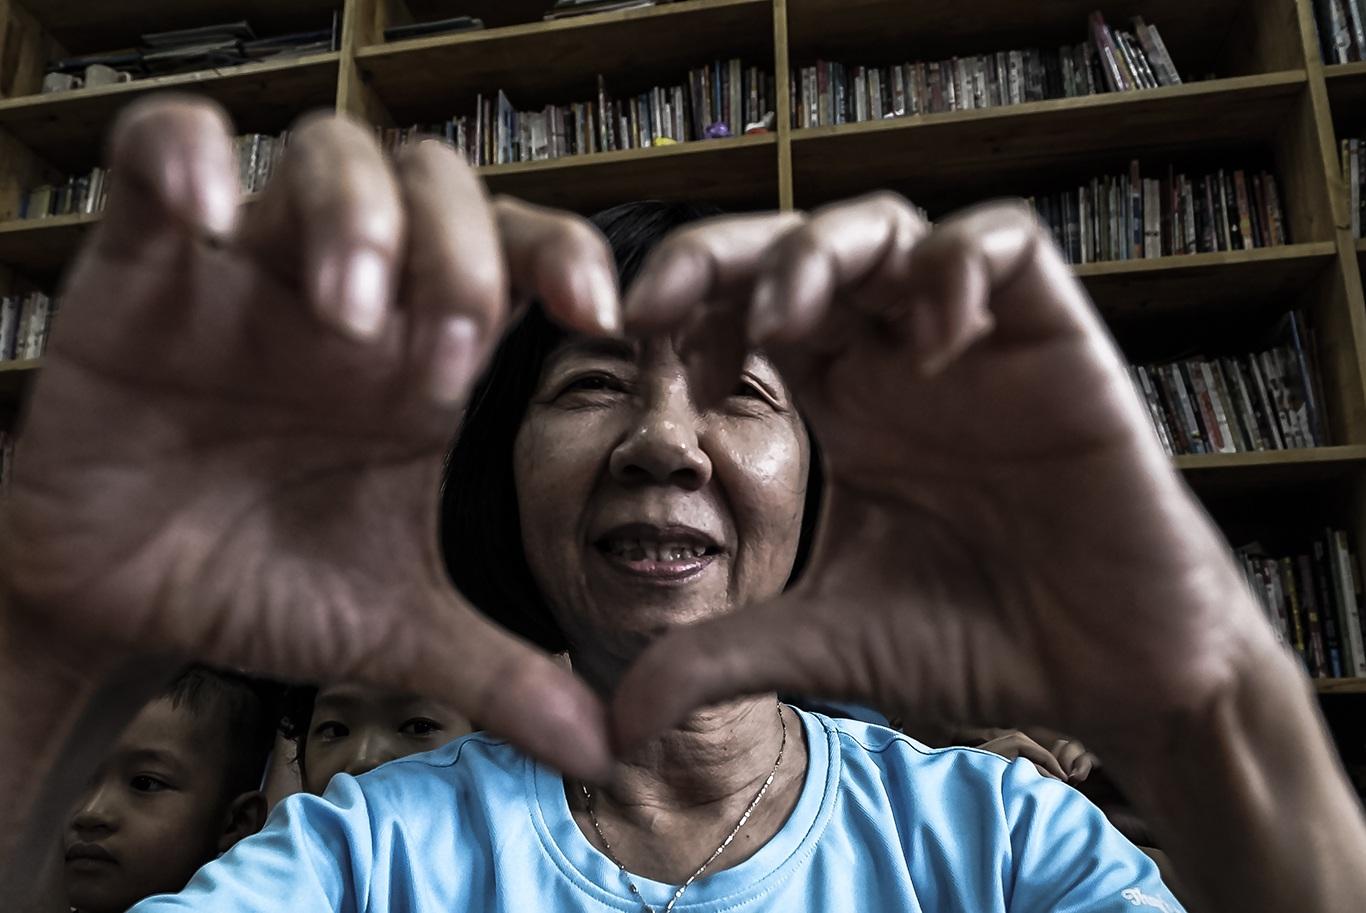 Cô giáo một thập kỷ ở lớp học trò qua đời, cô vẫn phải mỉm cười - 11